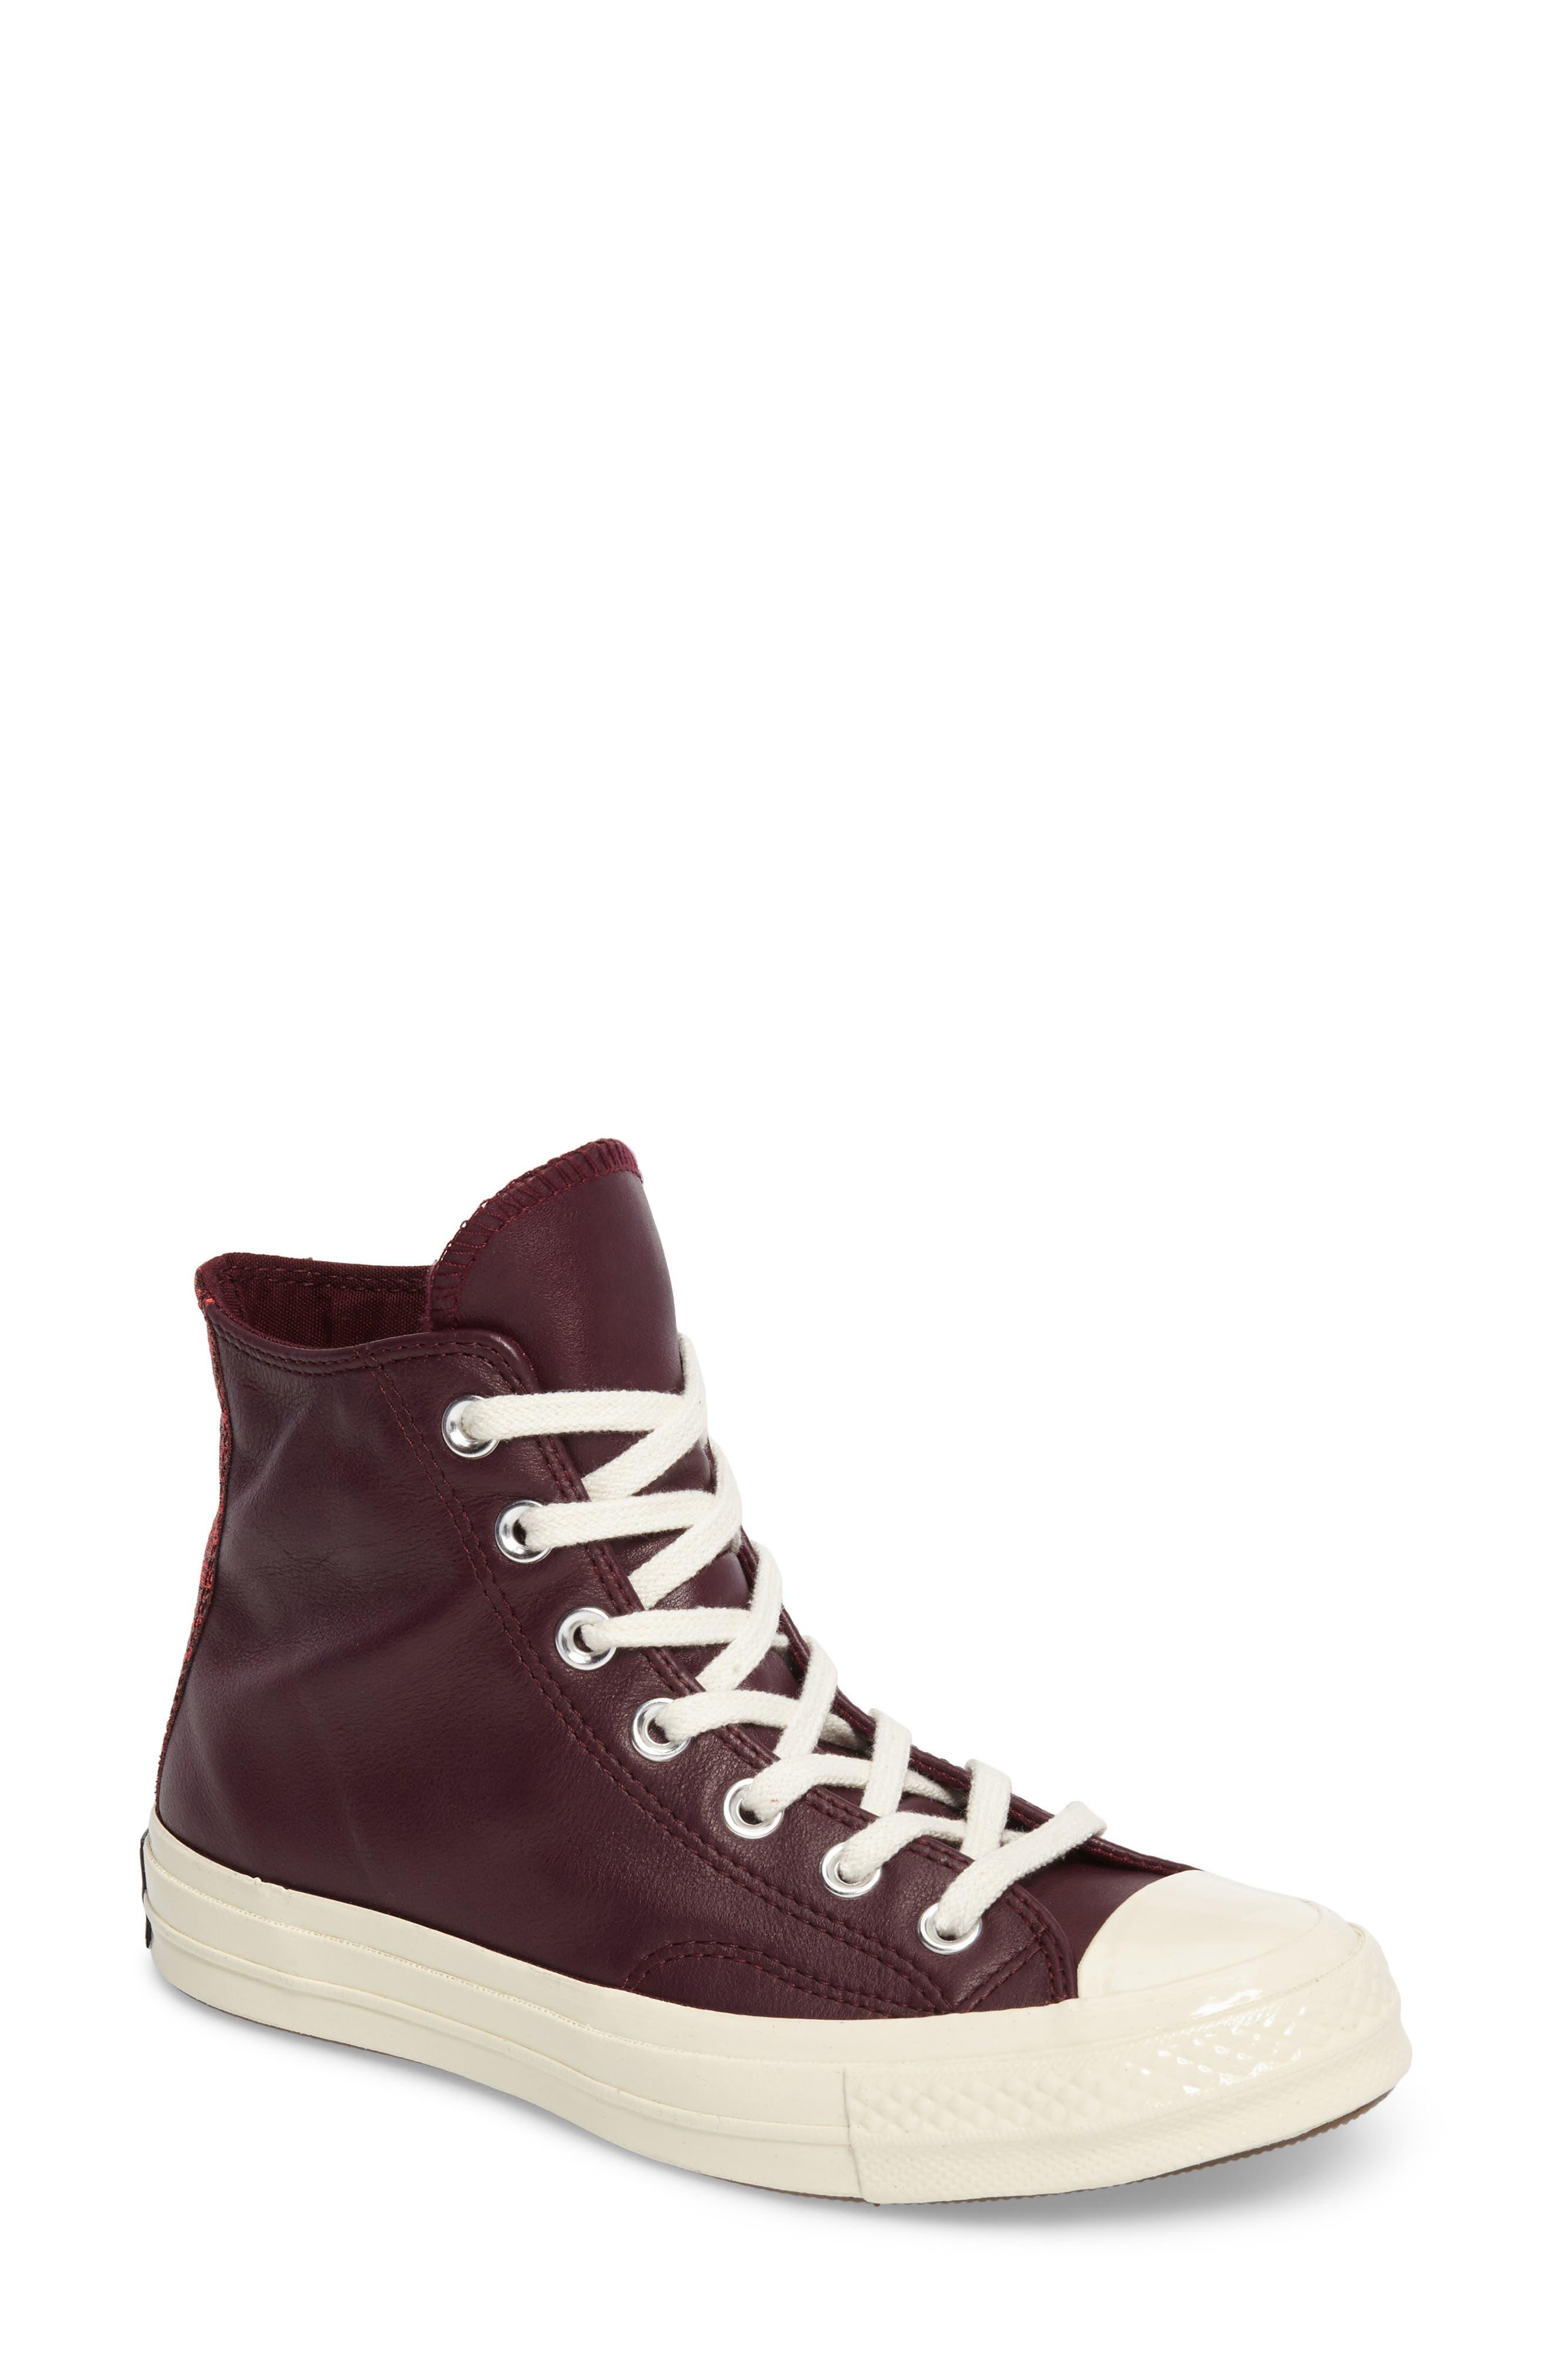 converse high tops womens. Converse Chuck Taylor® All Star® 70 High Top Sneaker (Women) Tops Womens